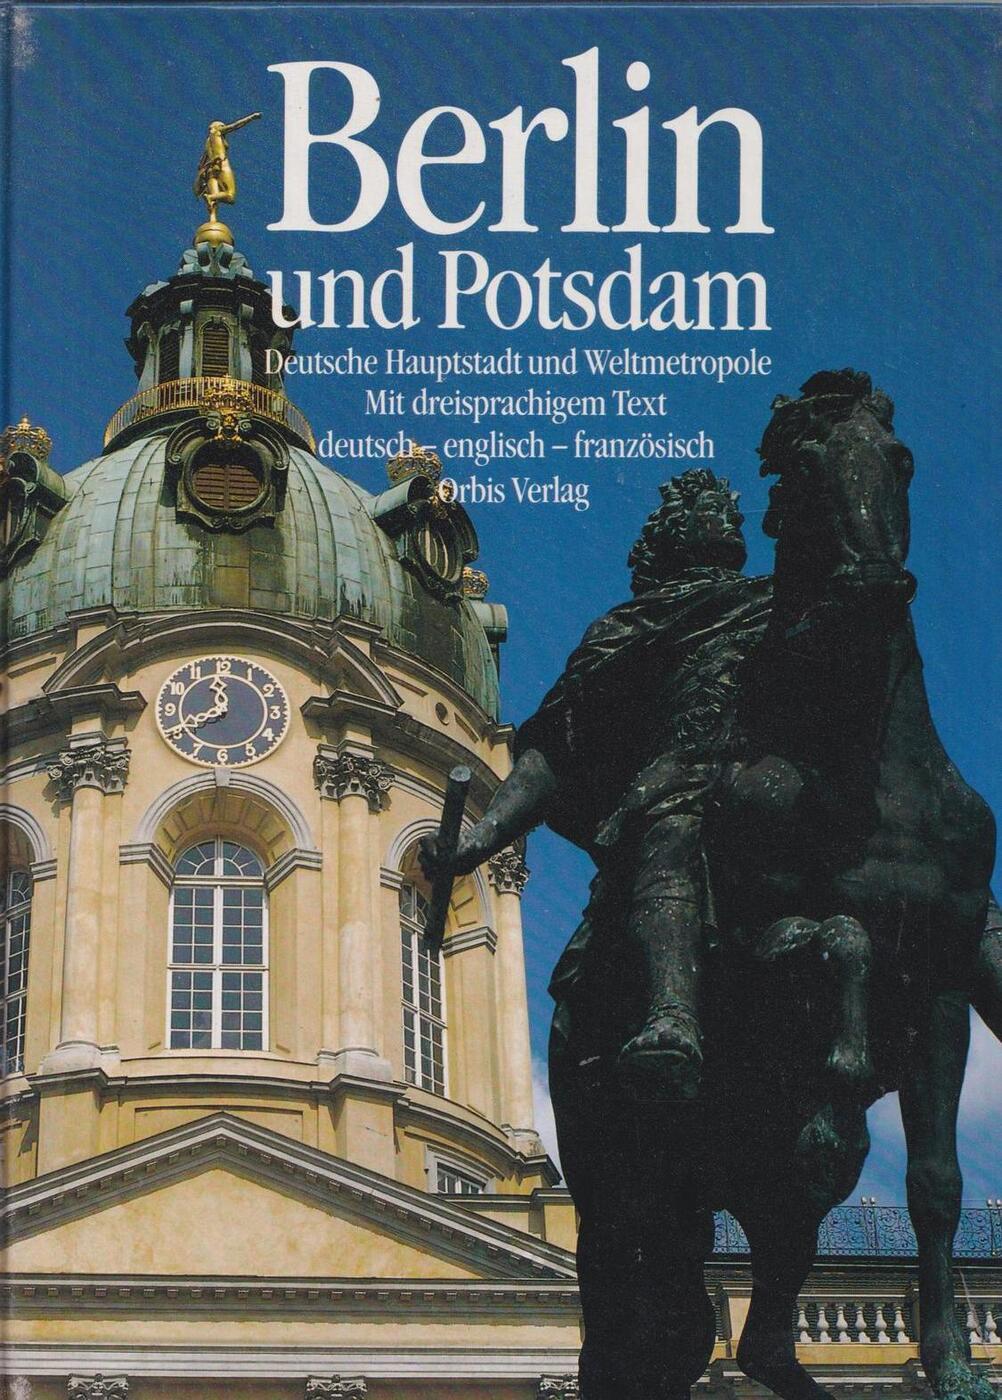 Berlin und Potsdam. Deutsche Hauptstadt und Weltmetropole / Берлин и Потсдам